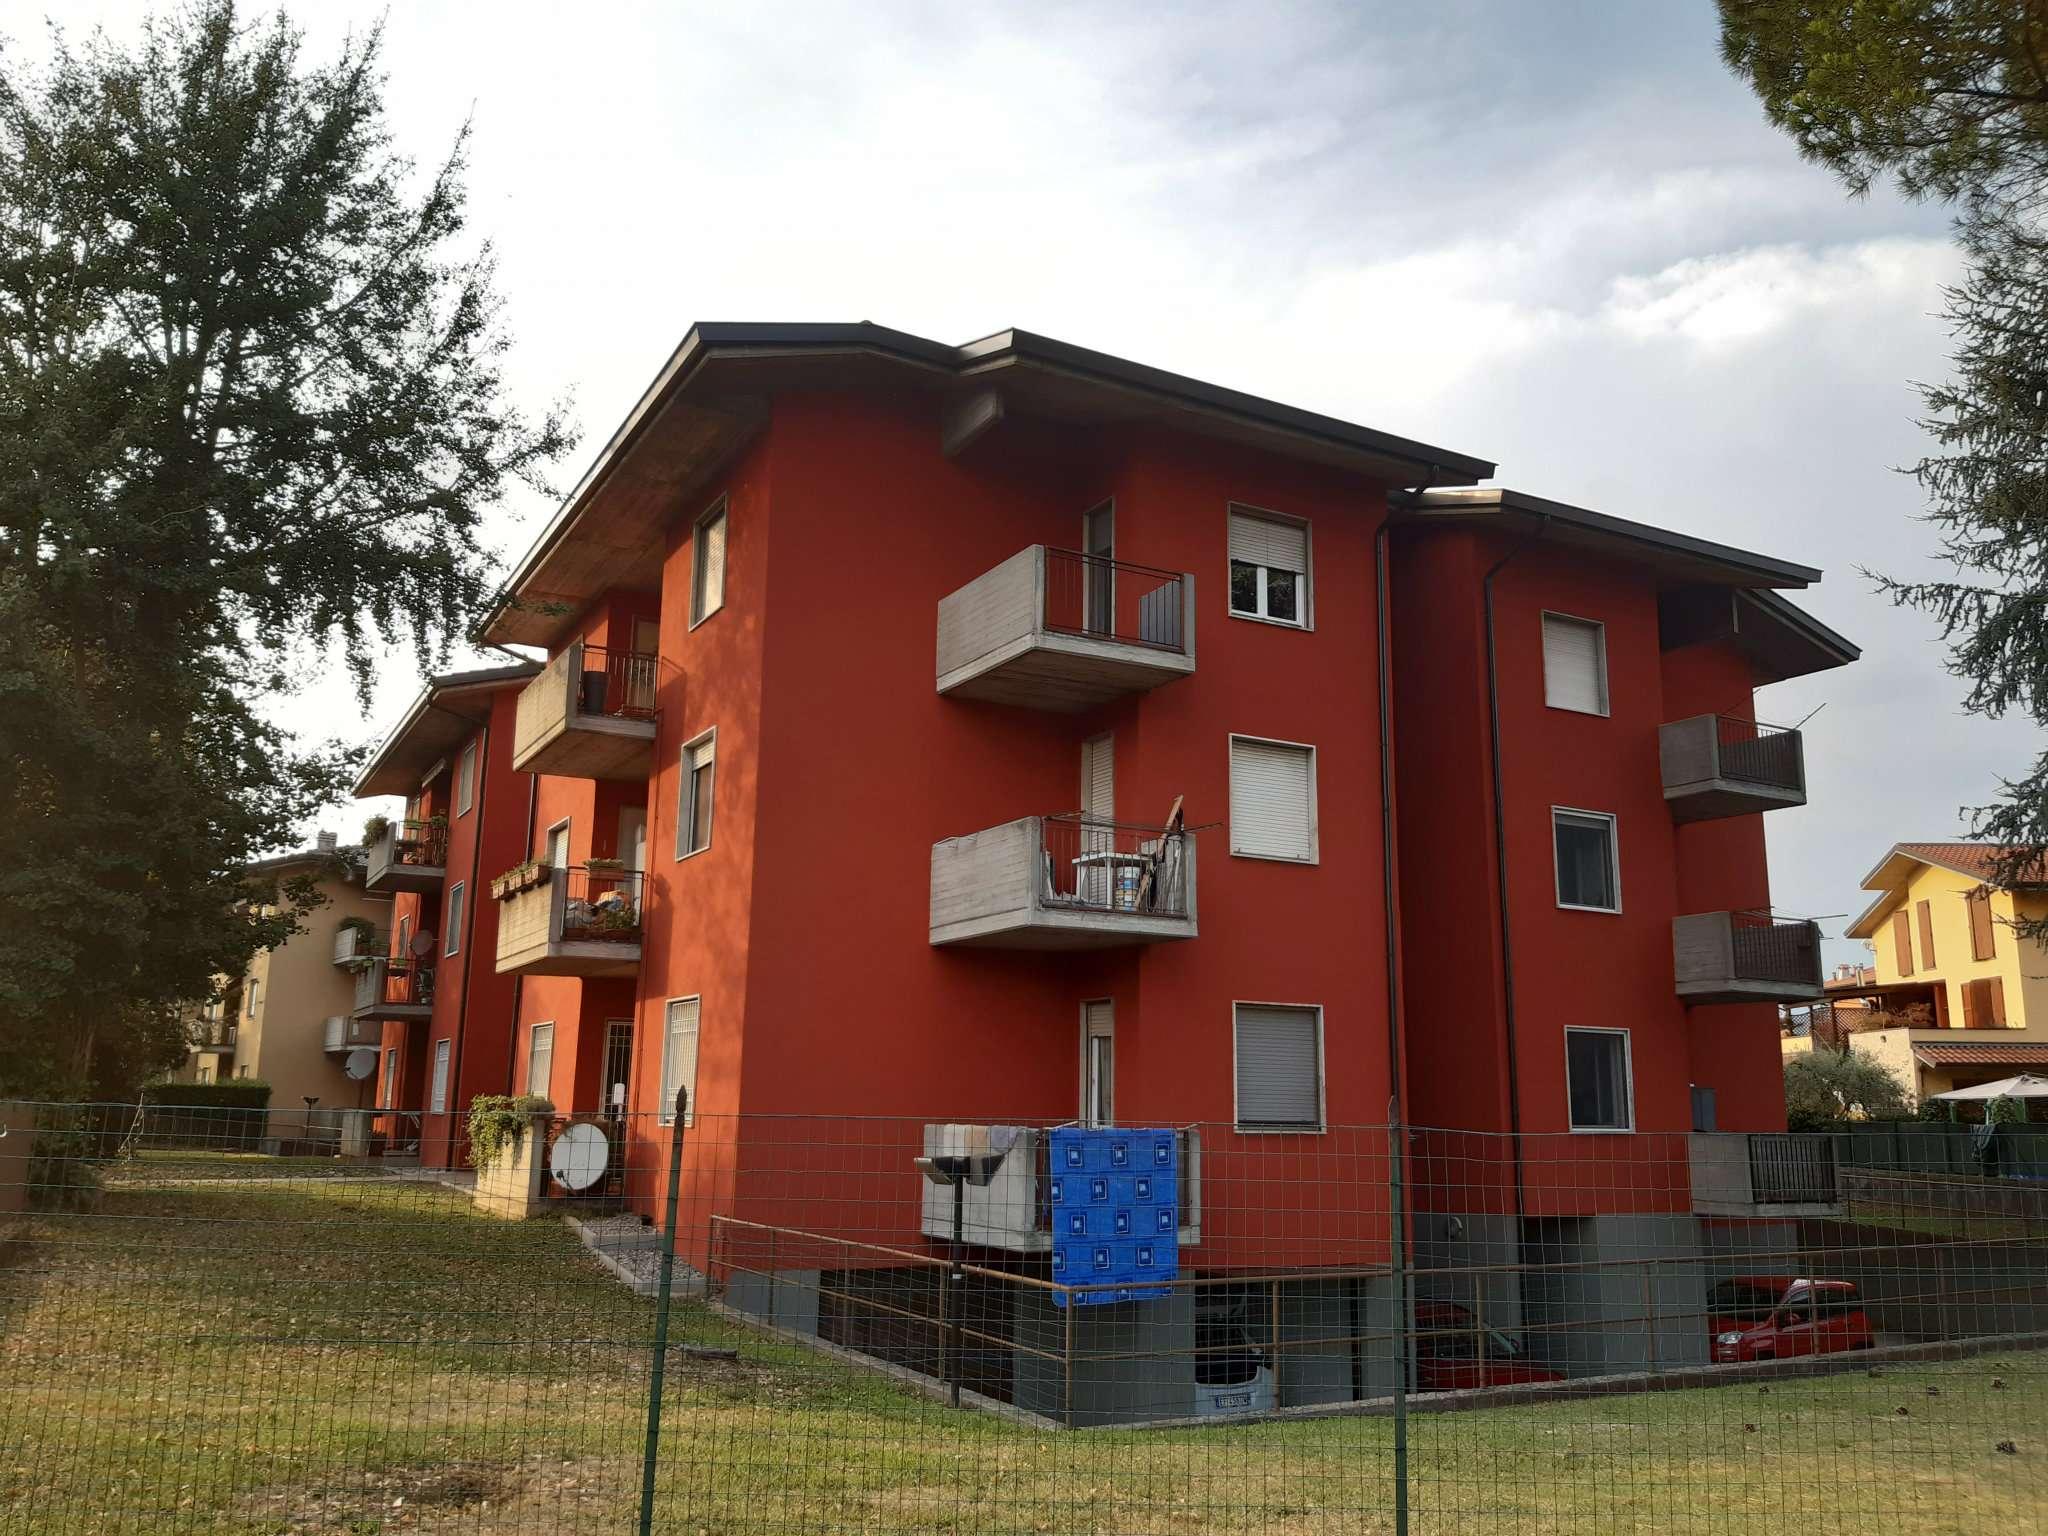 Appartamento in vendita a Terno d'Isola, 3 locali, prezzo € 59.000 | PortaleAgenzieImmobiliari.it